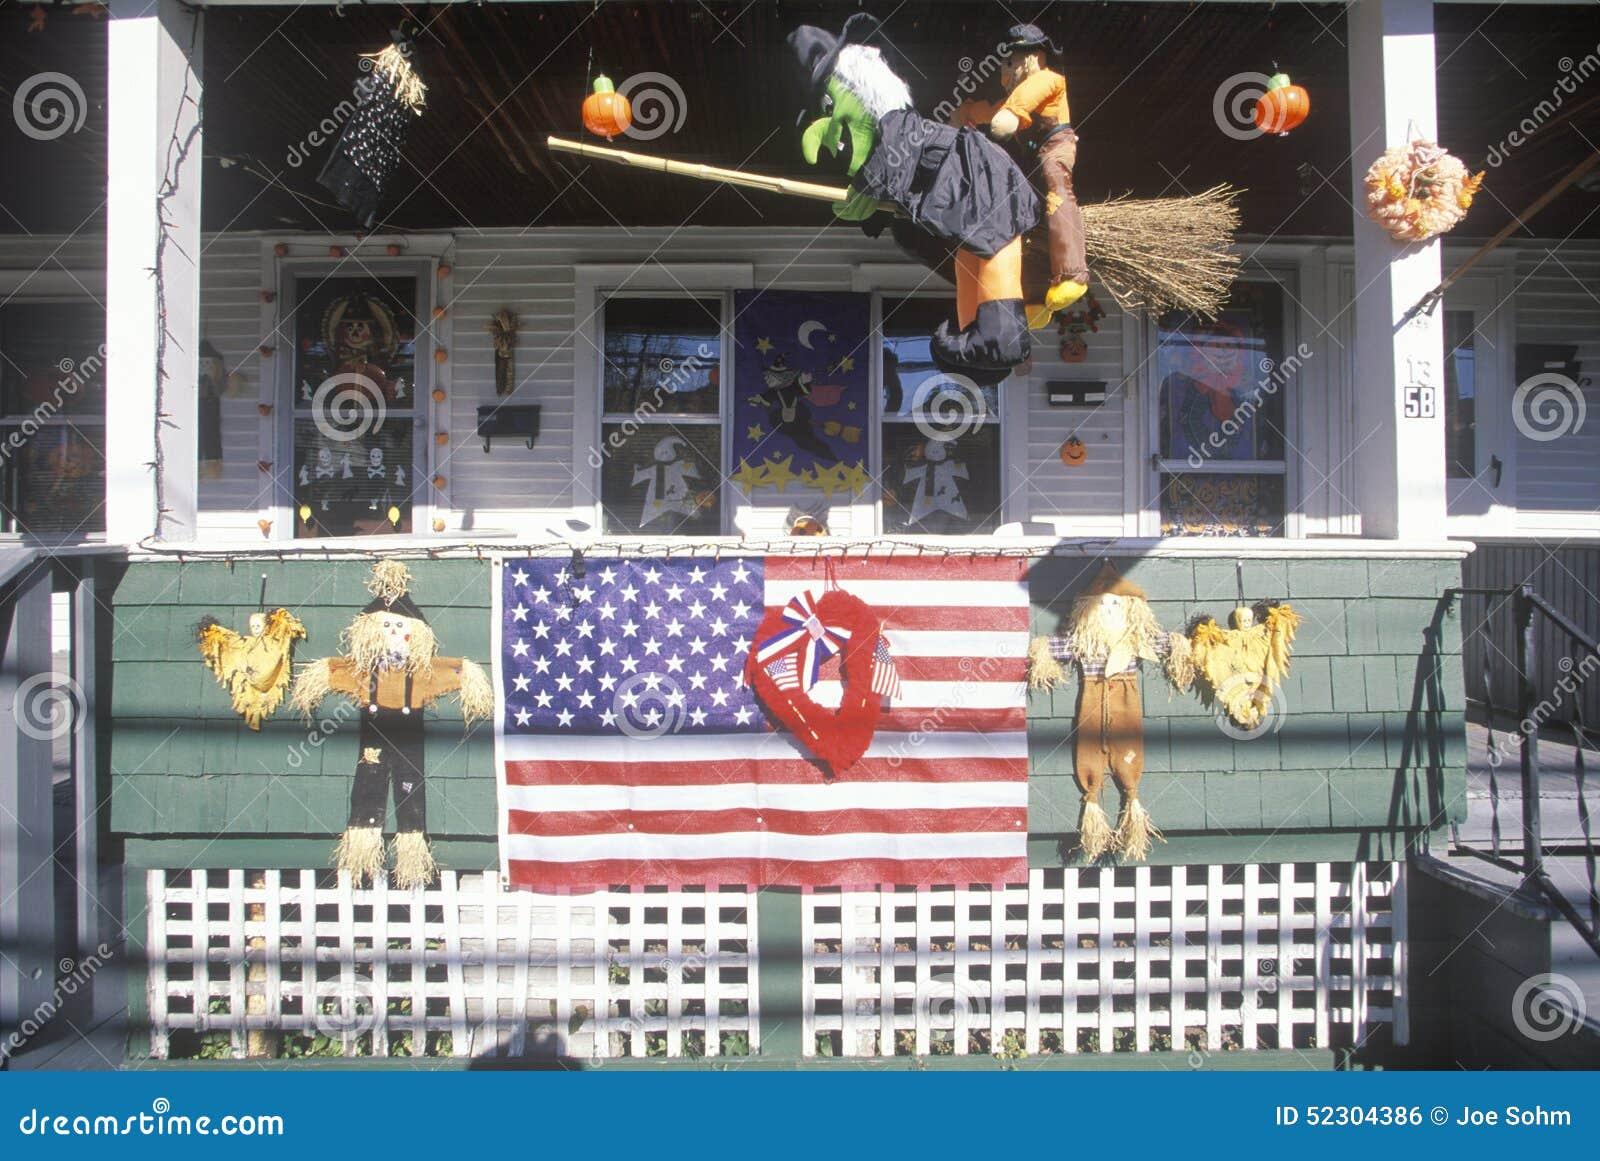 Huis met vlag en halloween decoratie new england redactionele